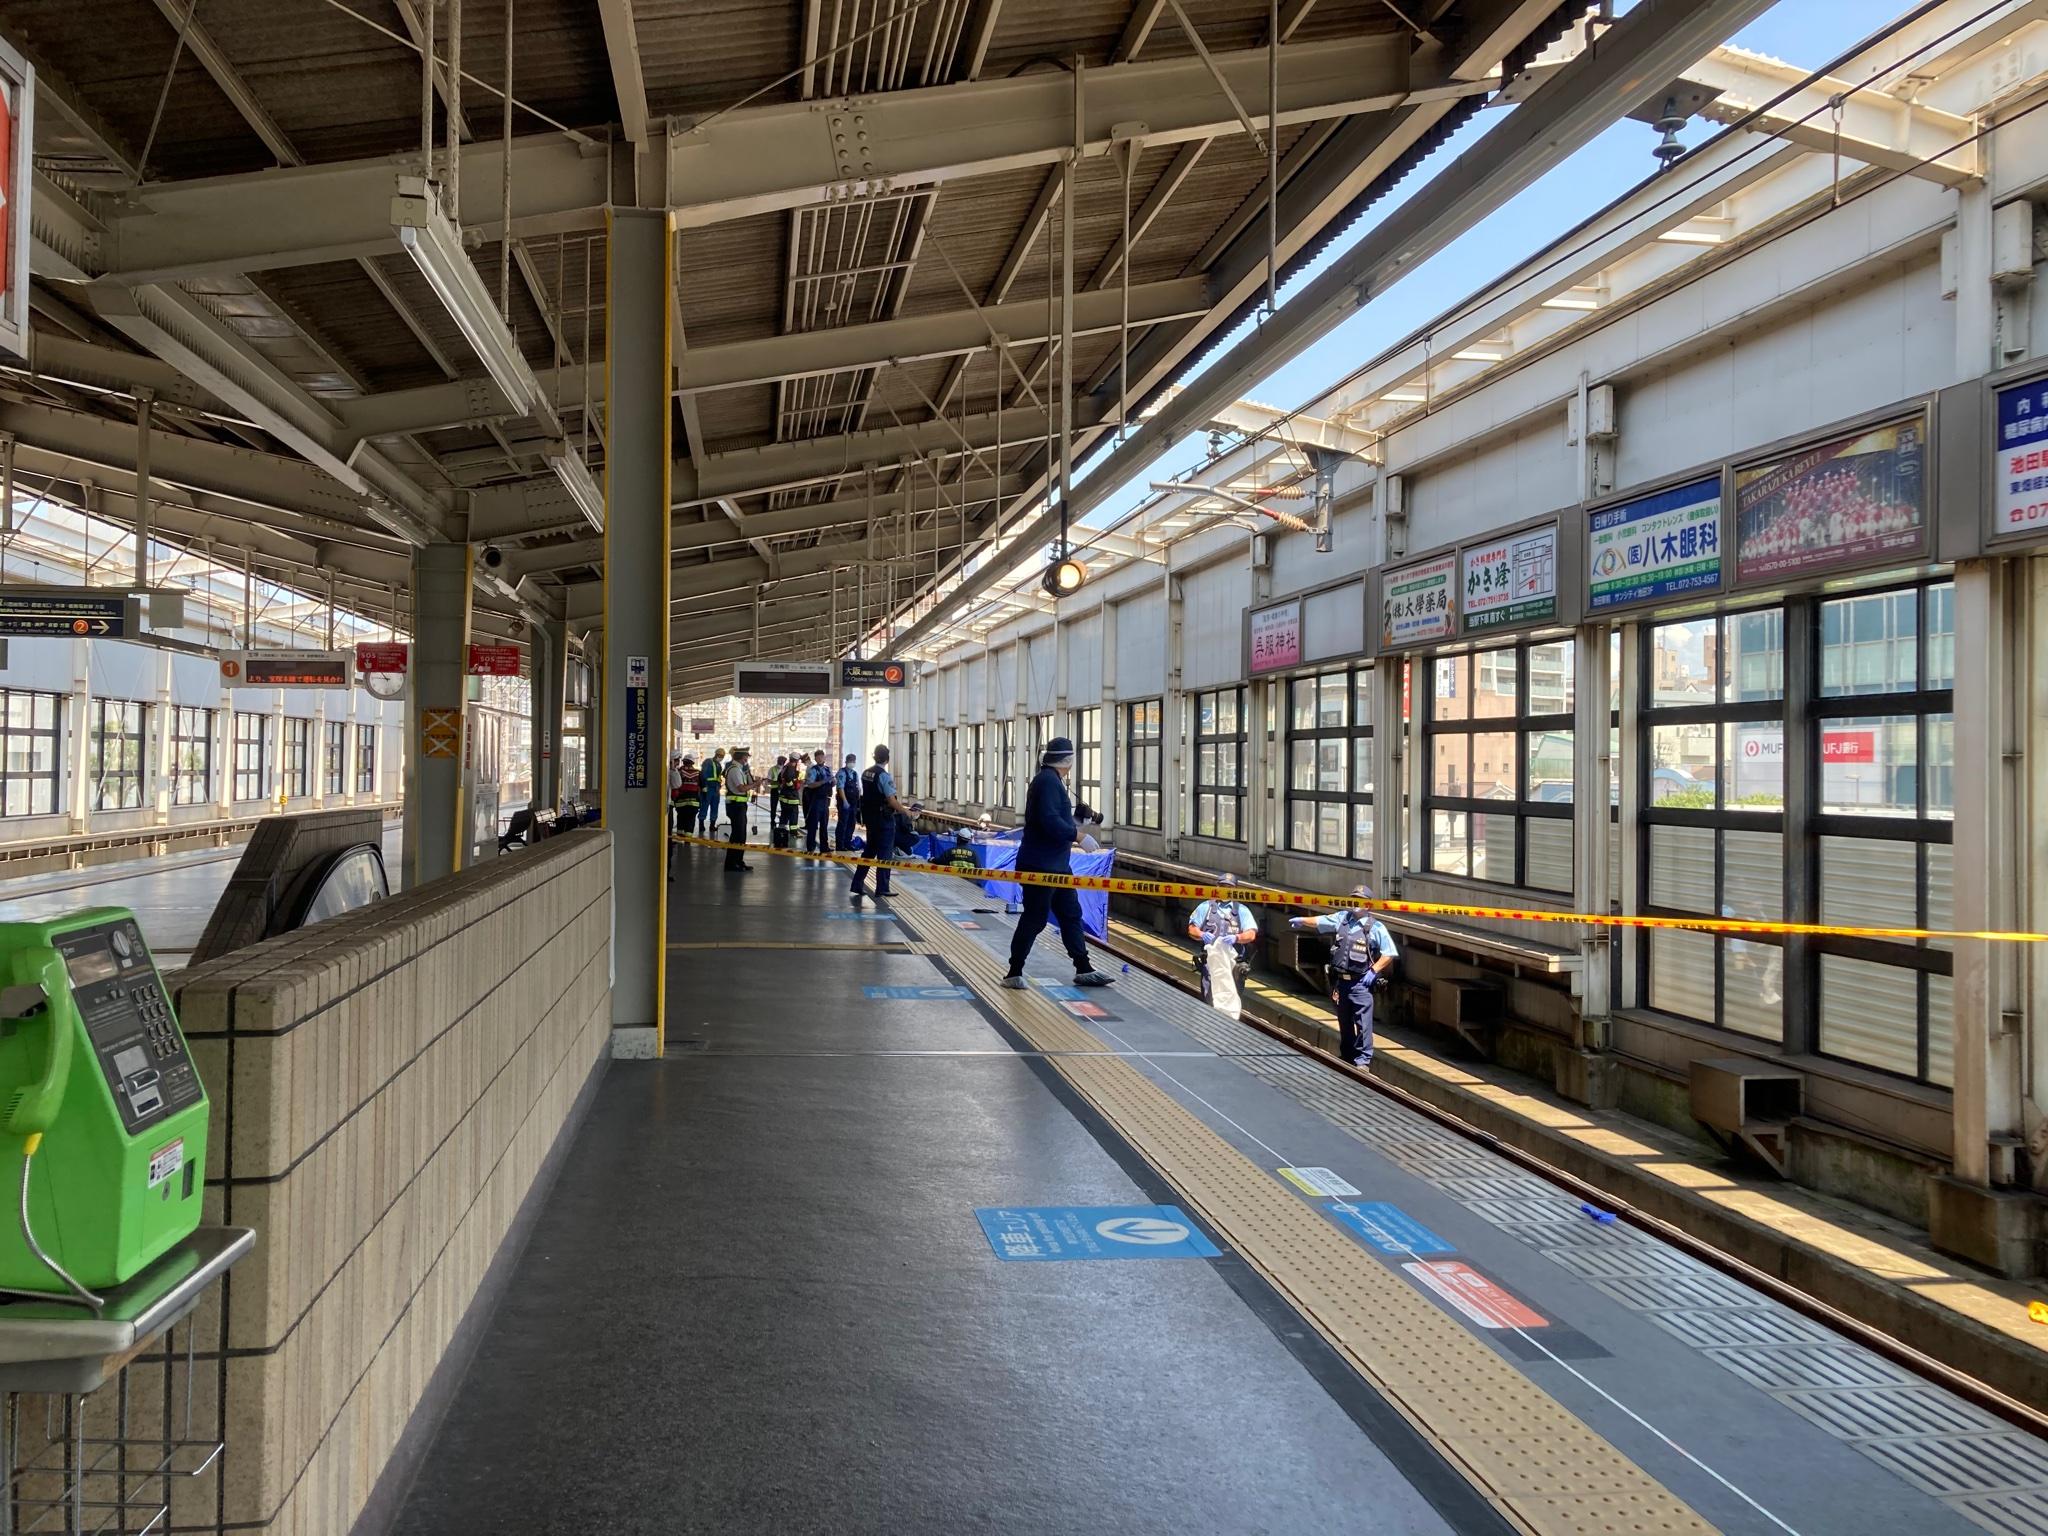 阪急池田駅で人身事故 試運転を撮影していた撮り鉄が落下か